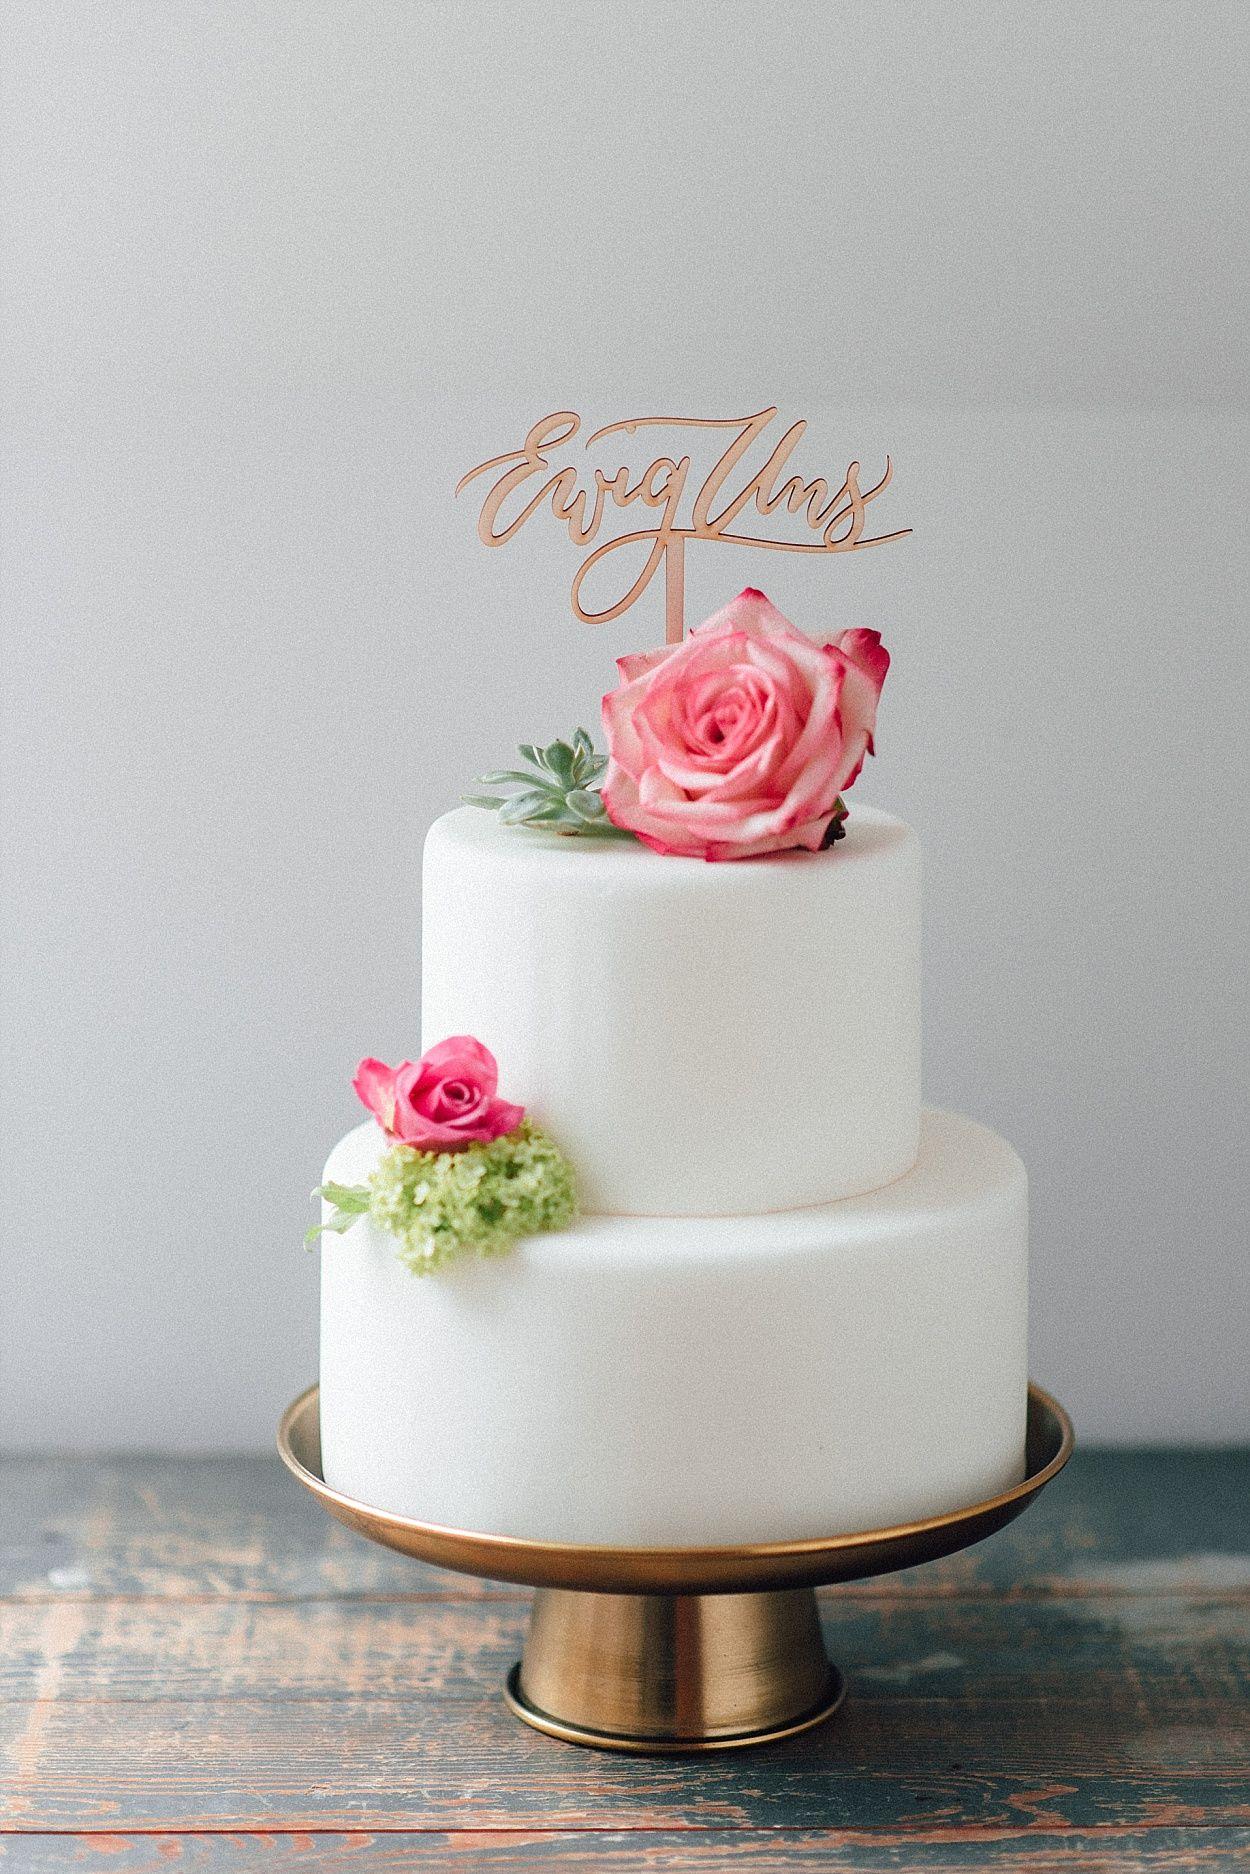 Die schnsten Kalligrafie Cake Topper fr die Hochzeit